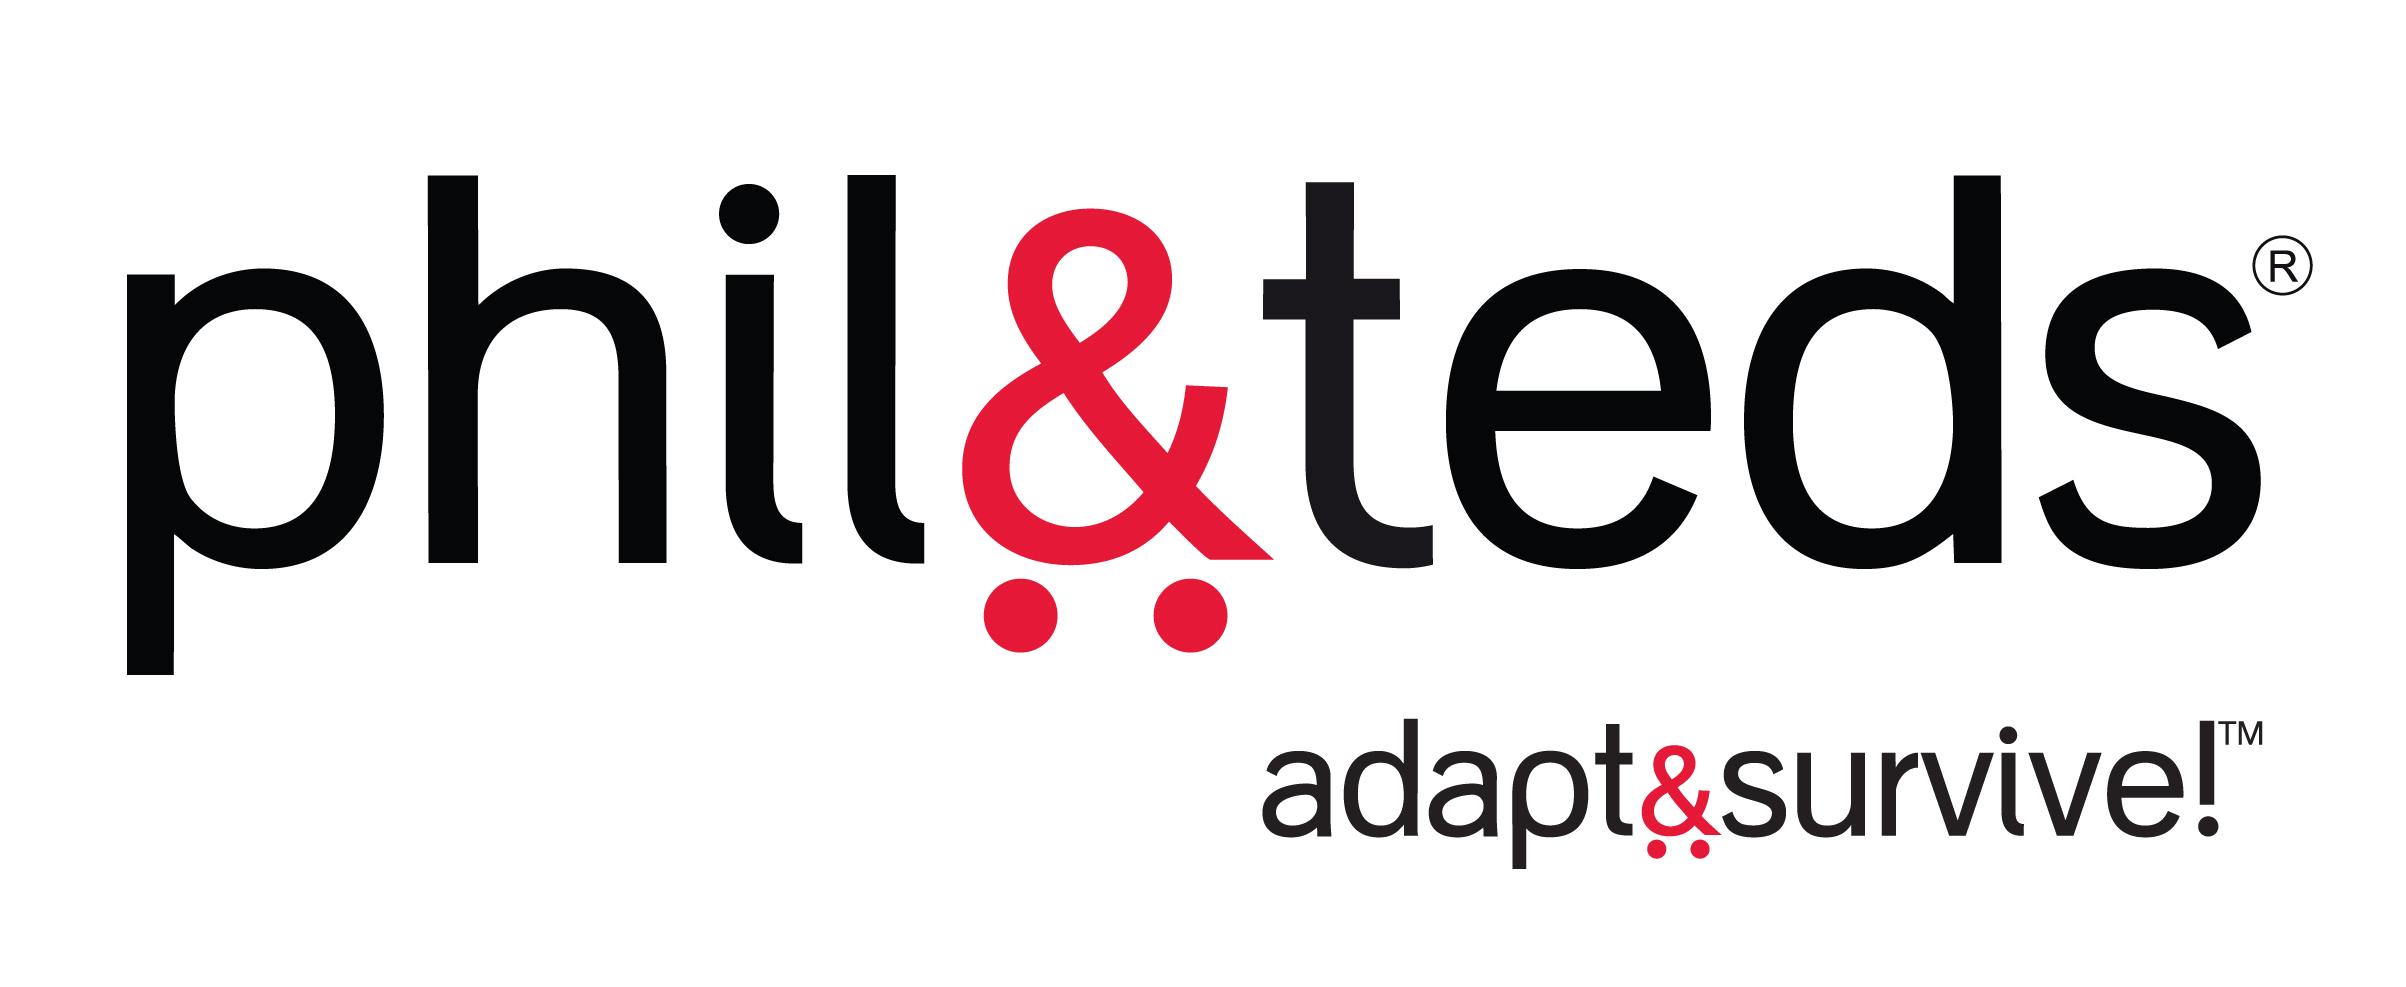 Philandteds complete logo 2 JPEG.jpg